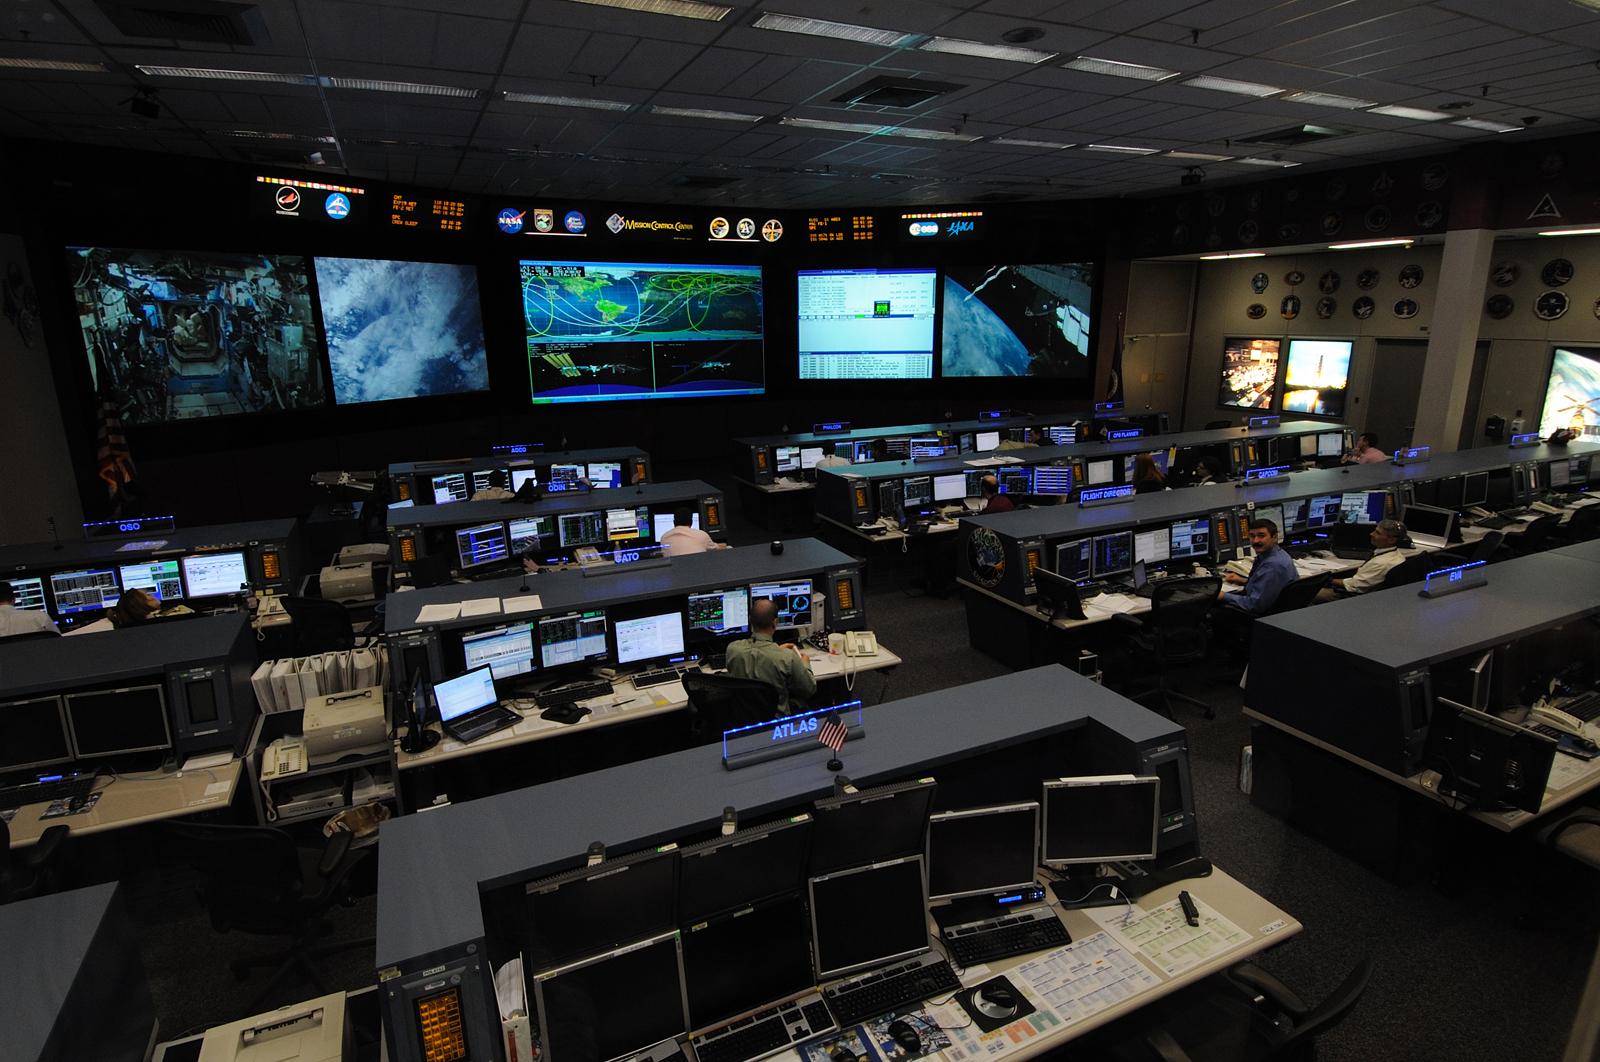 A National Geographic az űr felé fordul: a tévécsatorna élő közvetítést sugároz márciusban a Nemzetközi Űrállomásról és a houstoni irányítóközpontból